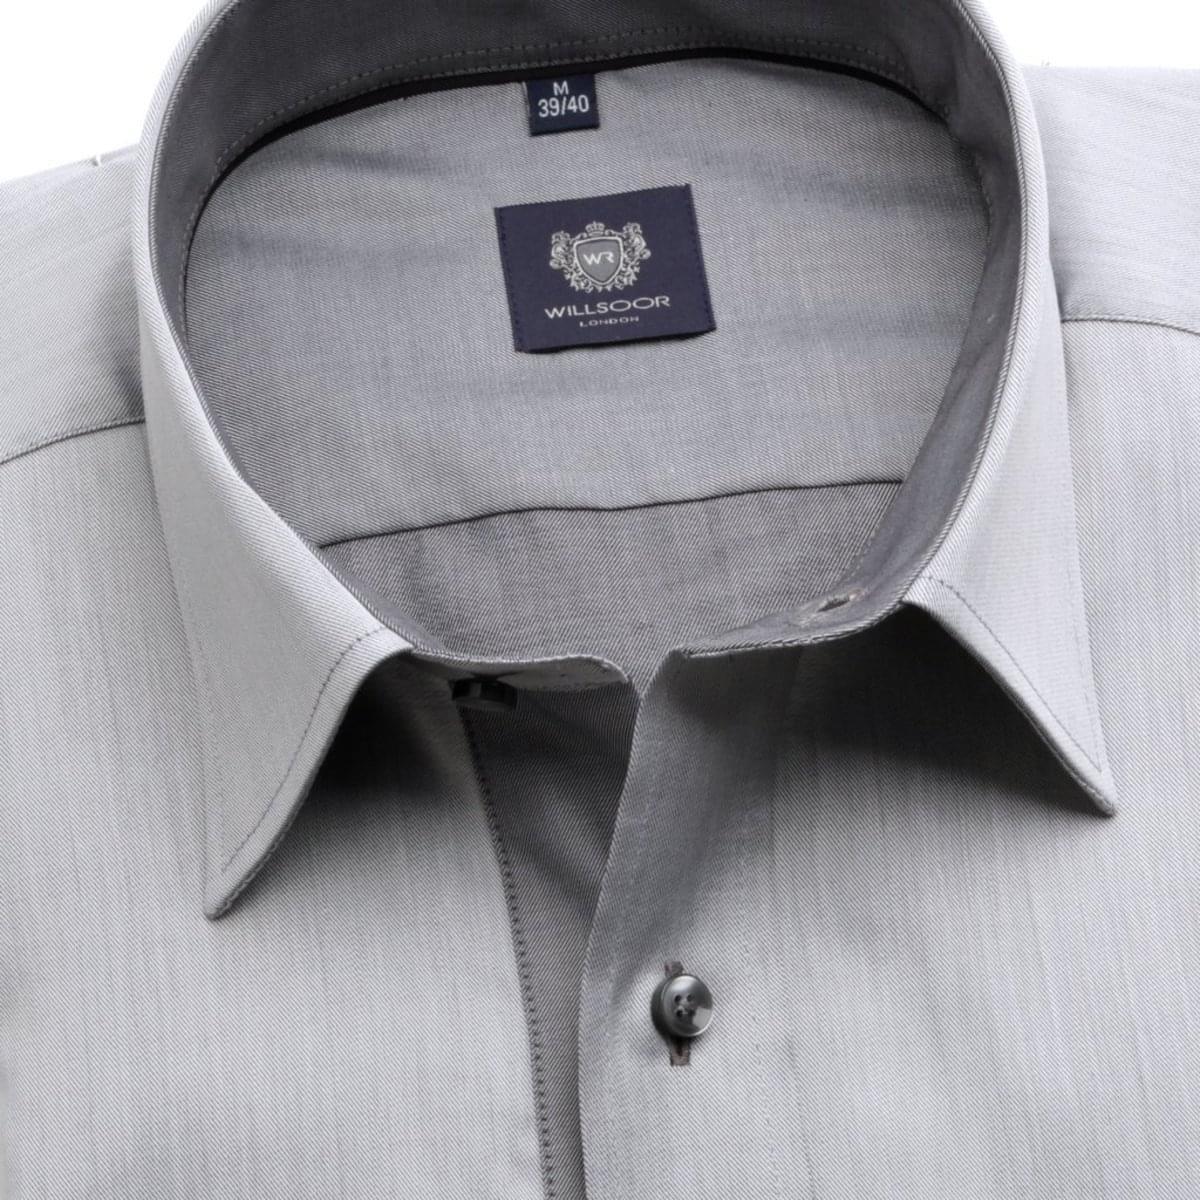 Pánská klasická košile London (výška 176-182) 6300 v šedé barvě s formulí Easy Care 176-182 / XXL (45/46)